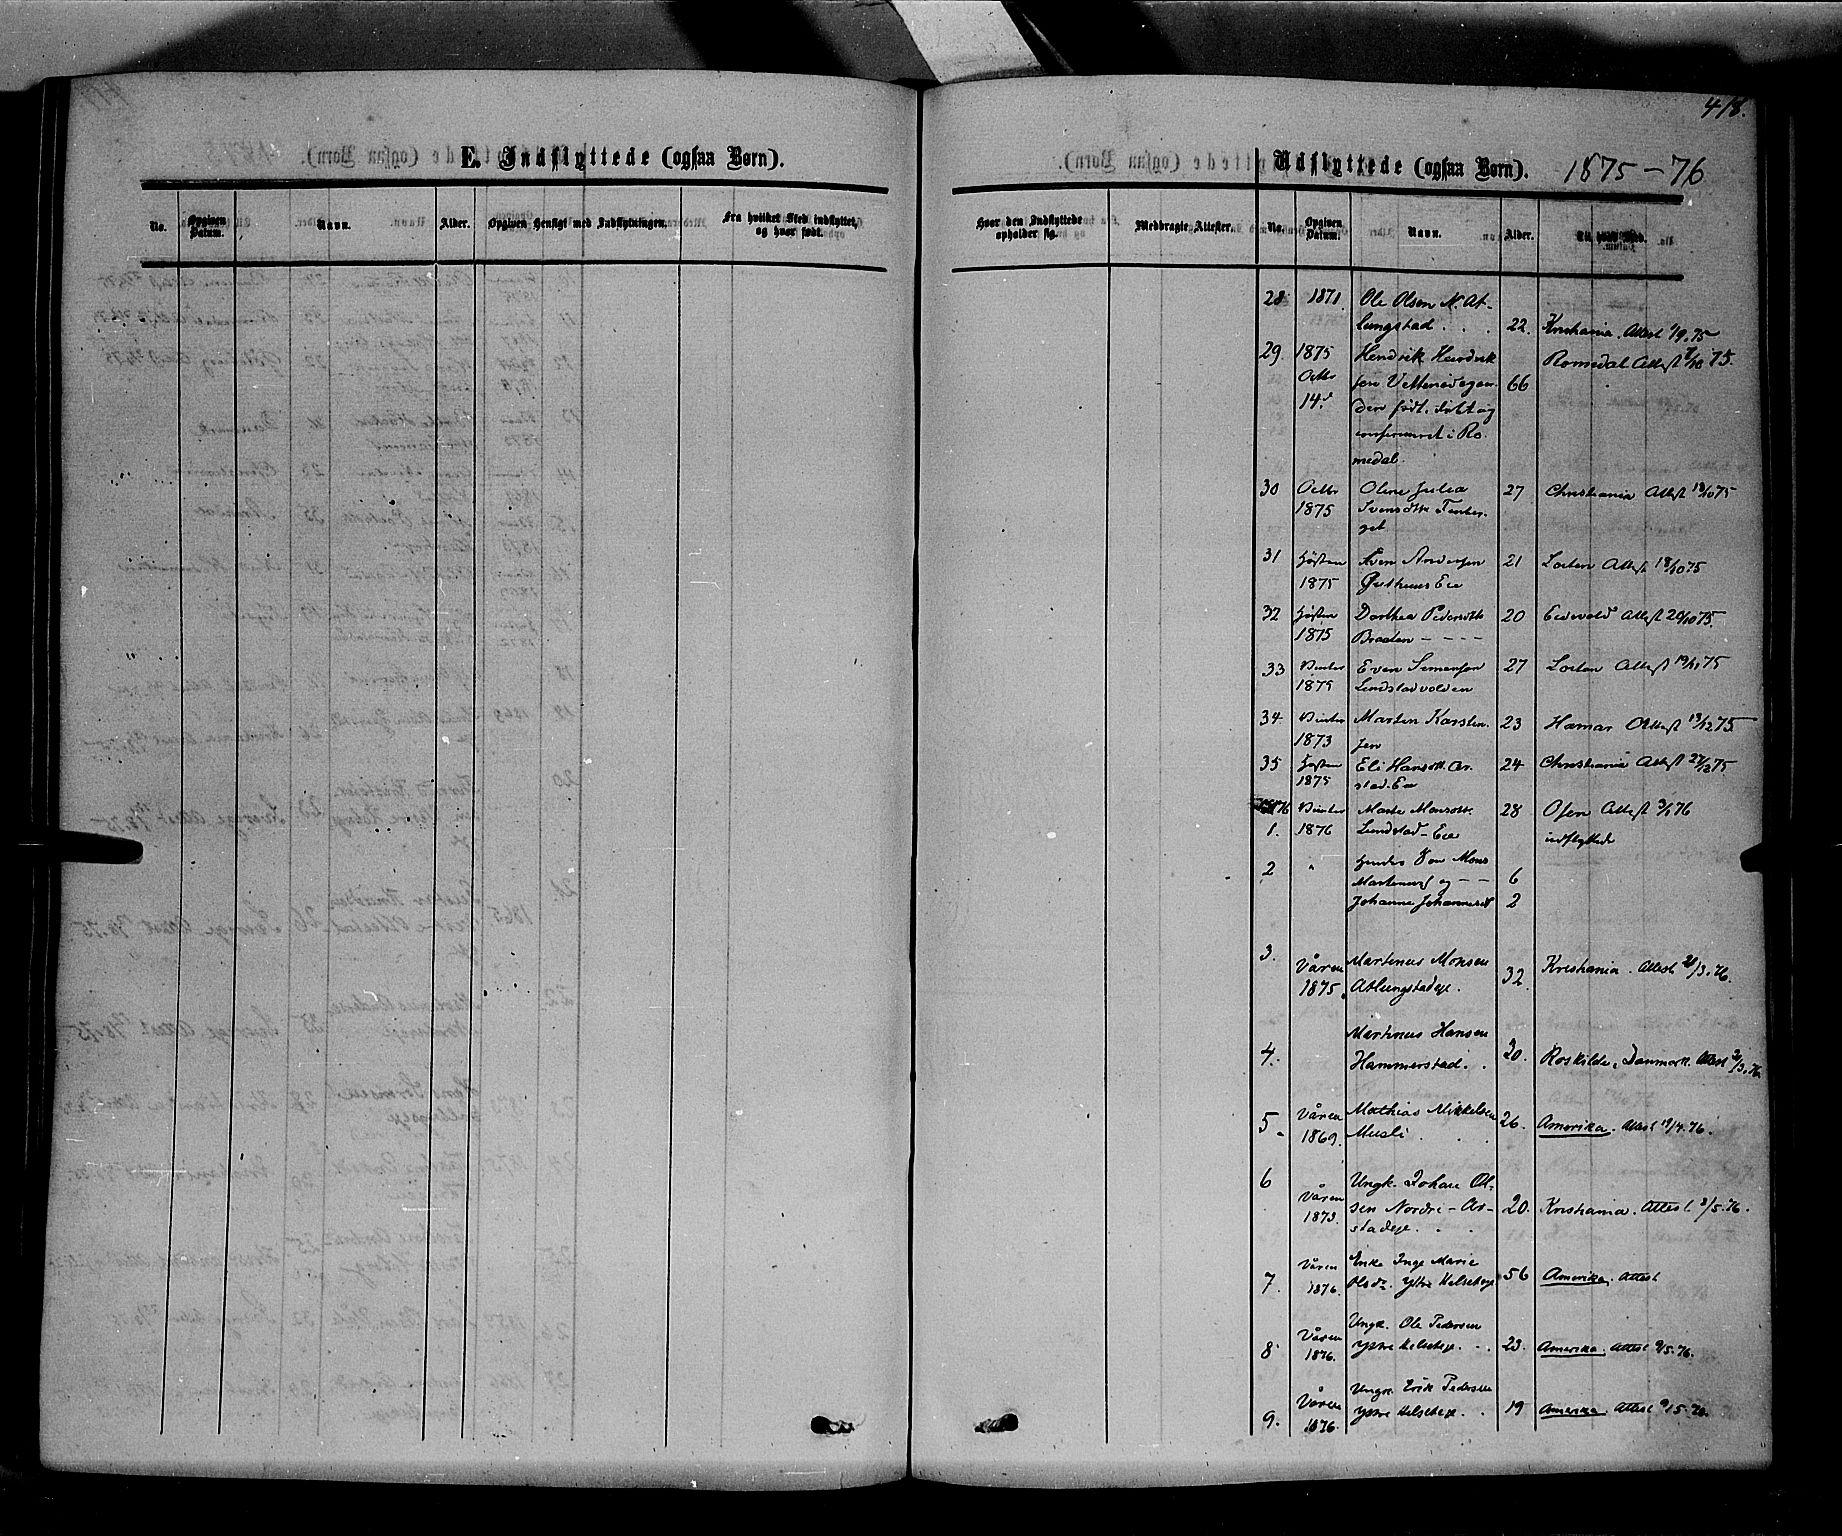 SAH, Stange prestekontor, K/L0013: Parish register (official) no. 13, 1862-1879, p. 418